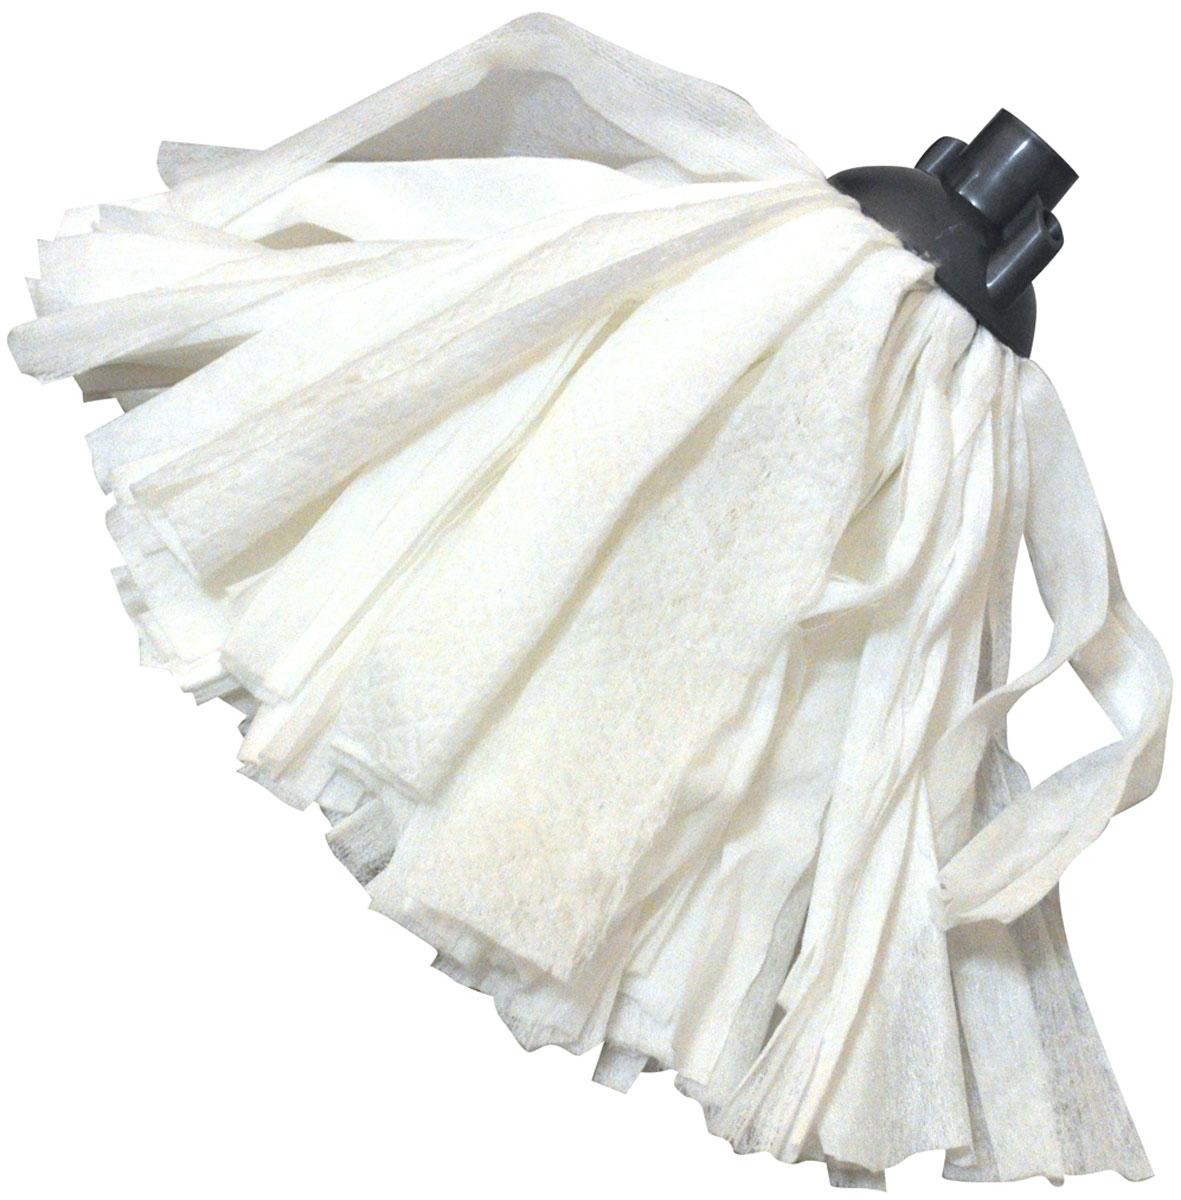 Насадка для швабры HomeQueen, цвет: белый. 57110BH-UN0502( R)Насадка для швабры 57186.